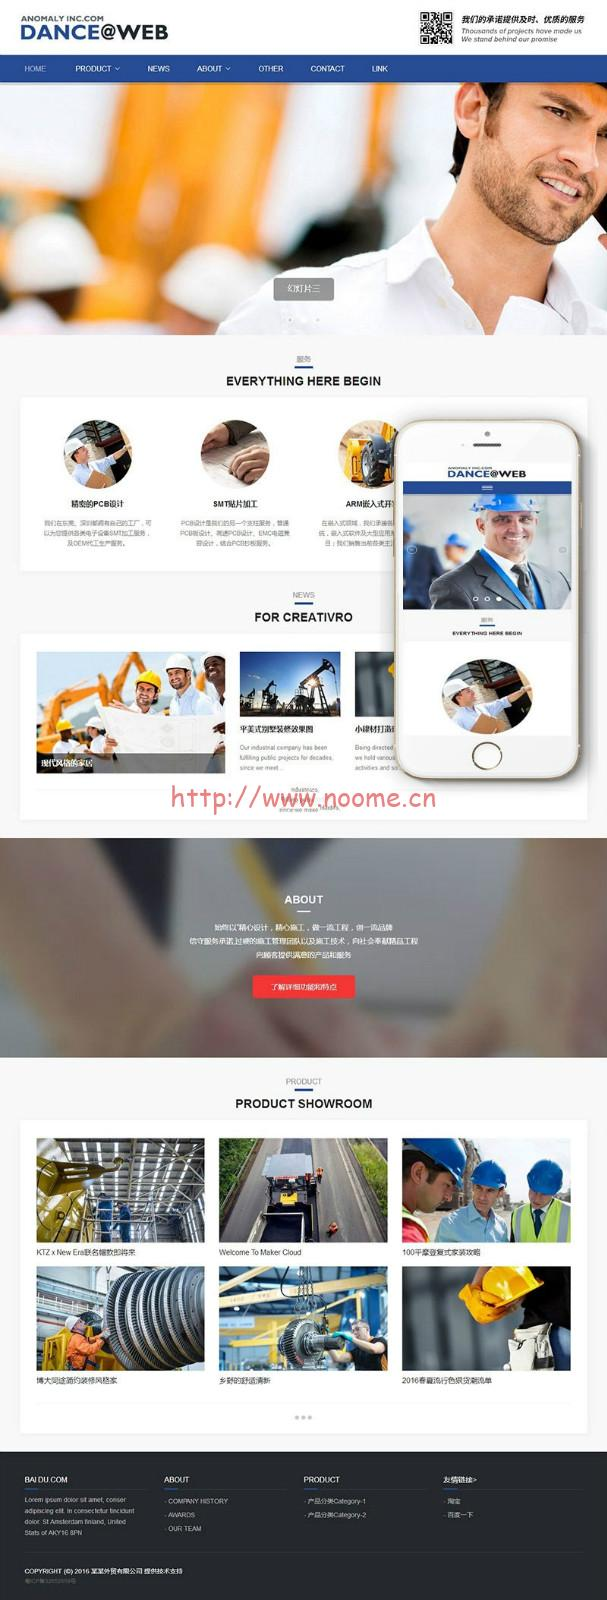 图片[1]-蓝色高端简洁响应式外贸公司网站模板(自适应手机移动端) 织梦dedecms-蓝米兔博客